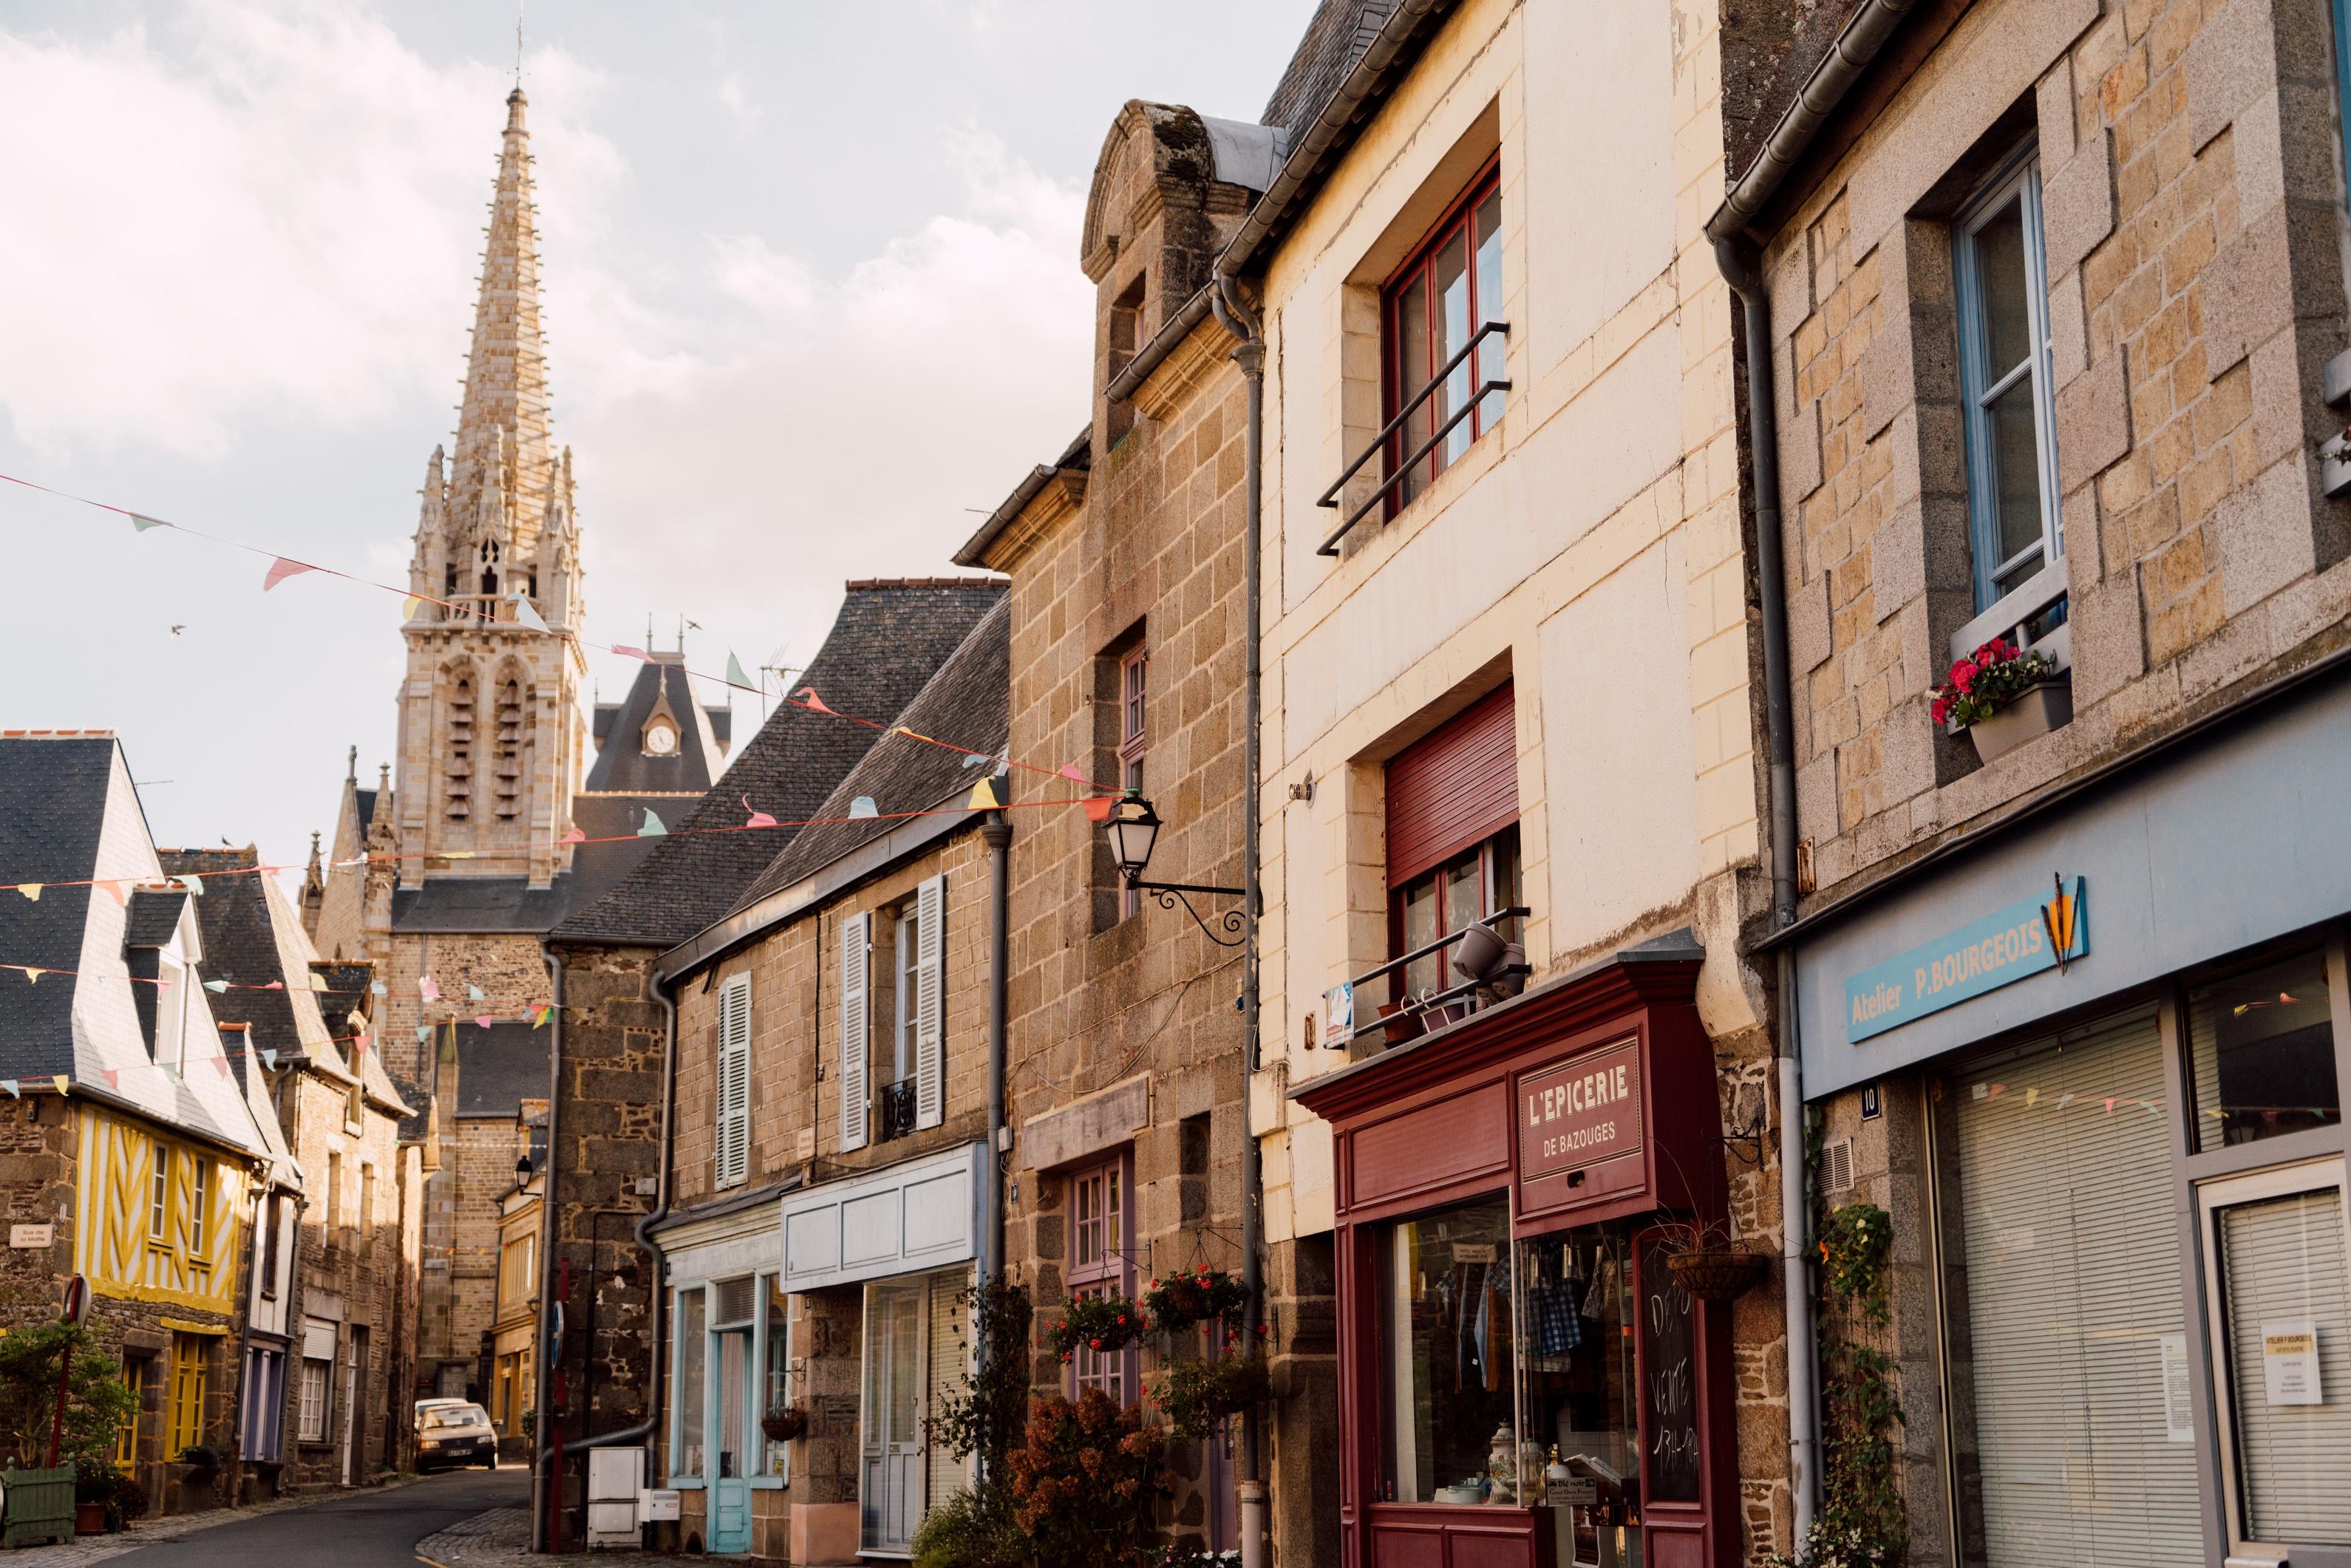 Bazouges la Perouse Rue de leglise © NOE C. PHOTOGRAPHY